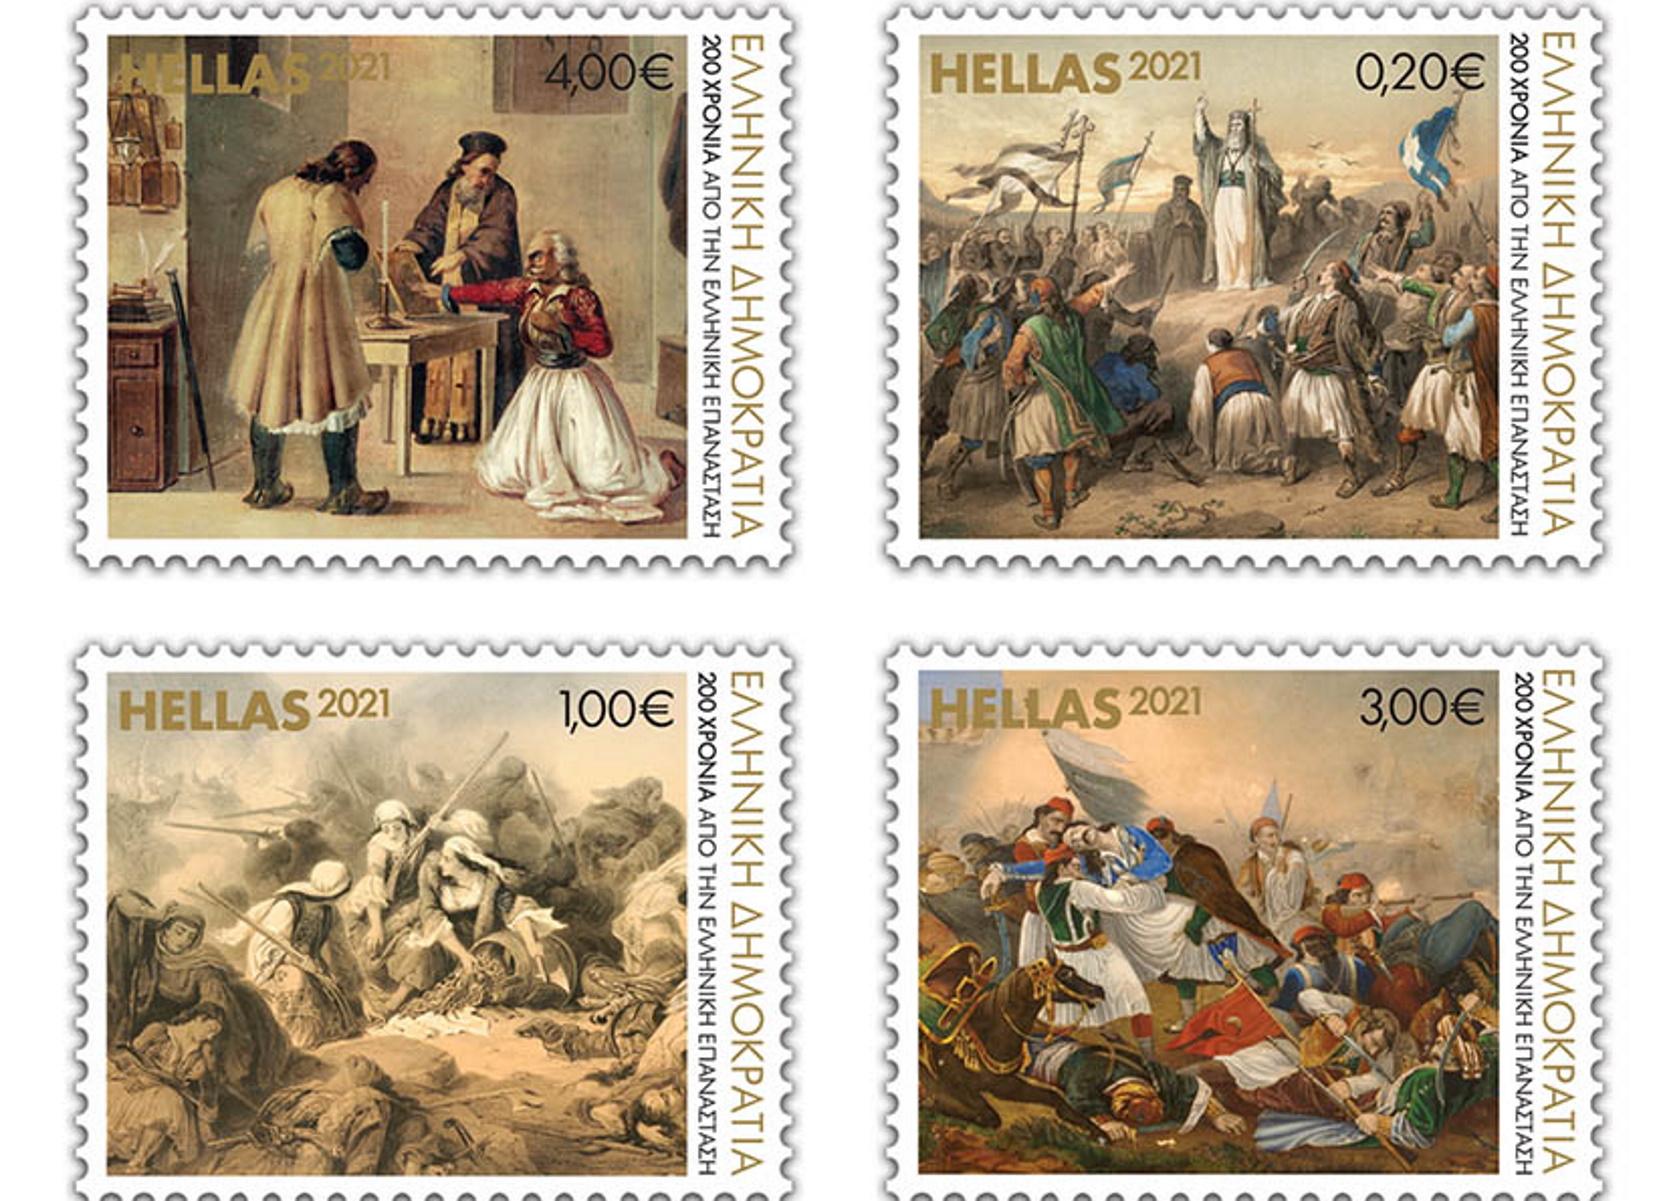 Αναμνηστική σειρά γραμματοσήμων για τα 200 χρόνια ελεύθερης Ελλάδας